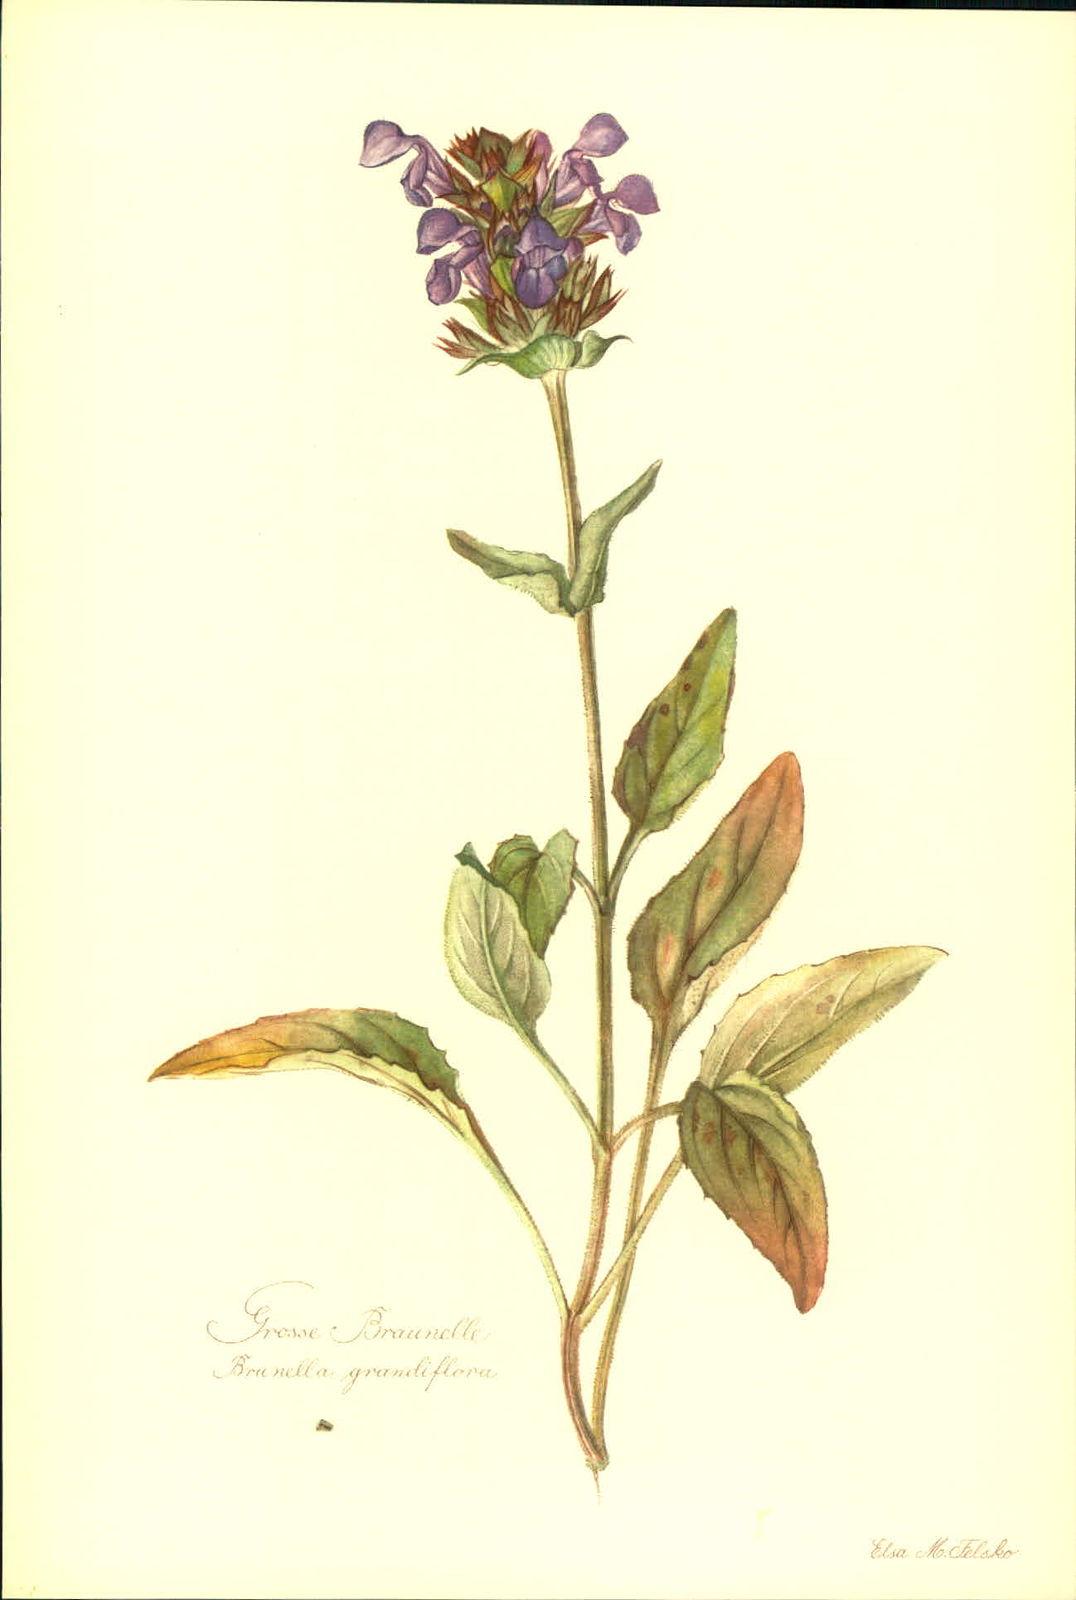 Große Braunelle (Brunella grandiflora). Kunstdruck nach Aquarell von Elsa M. Felsko.